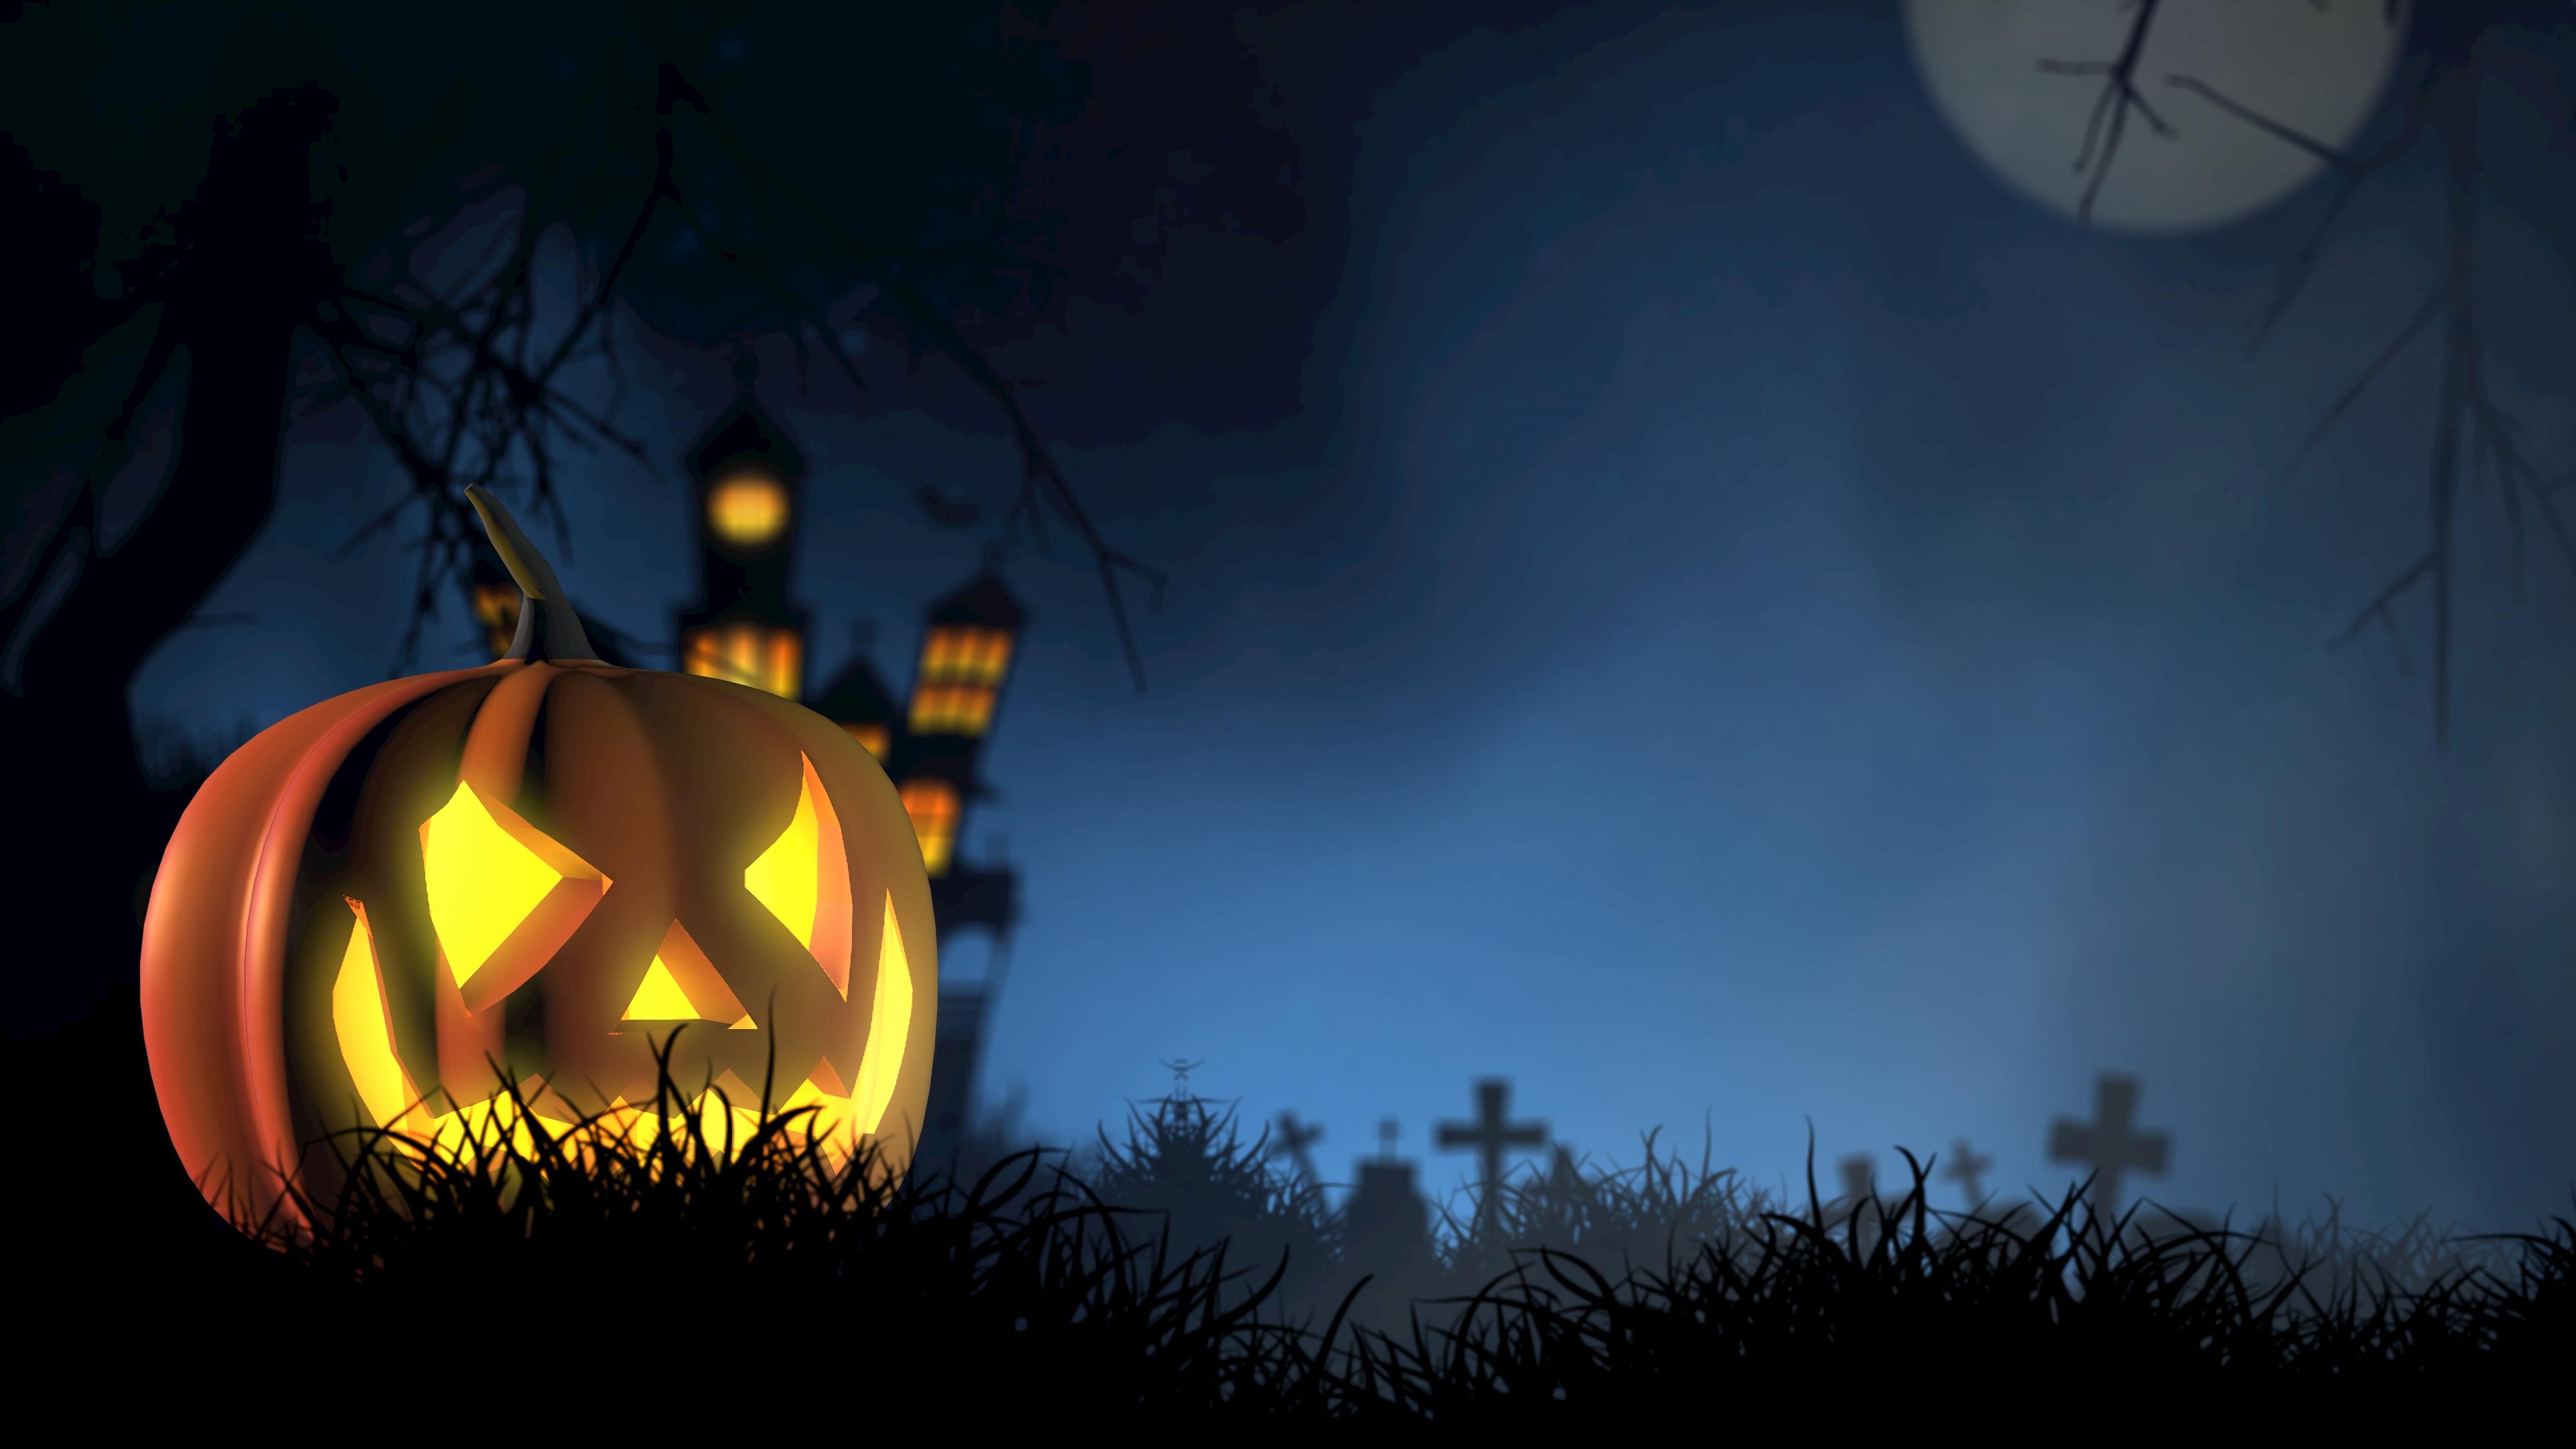 halloween pumpkin spooky face autumn 4k 1538344469 - halloween, pumpkin, spooky, face, autumn 4k - spooky, pumpkin, halloween